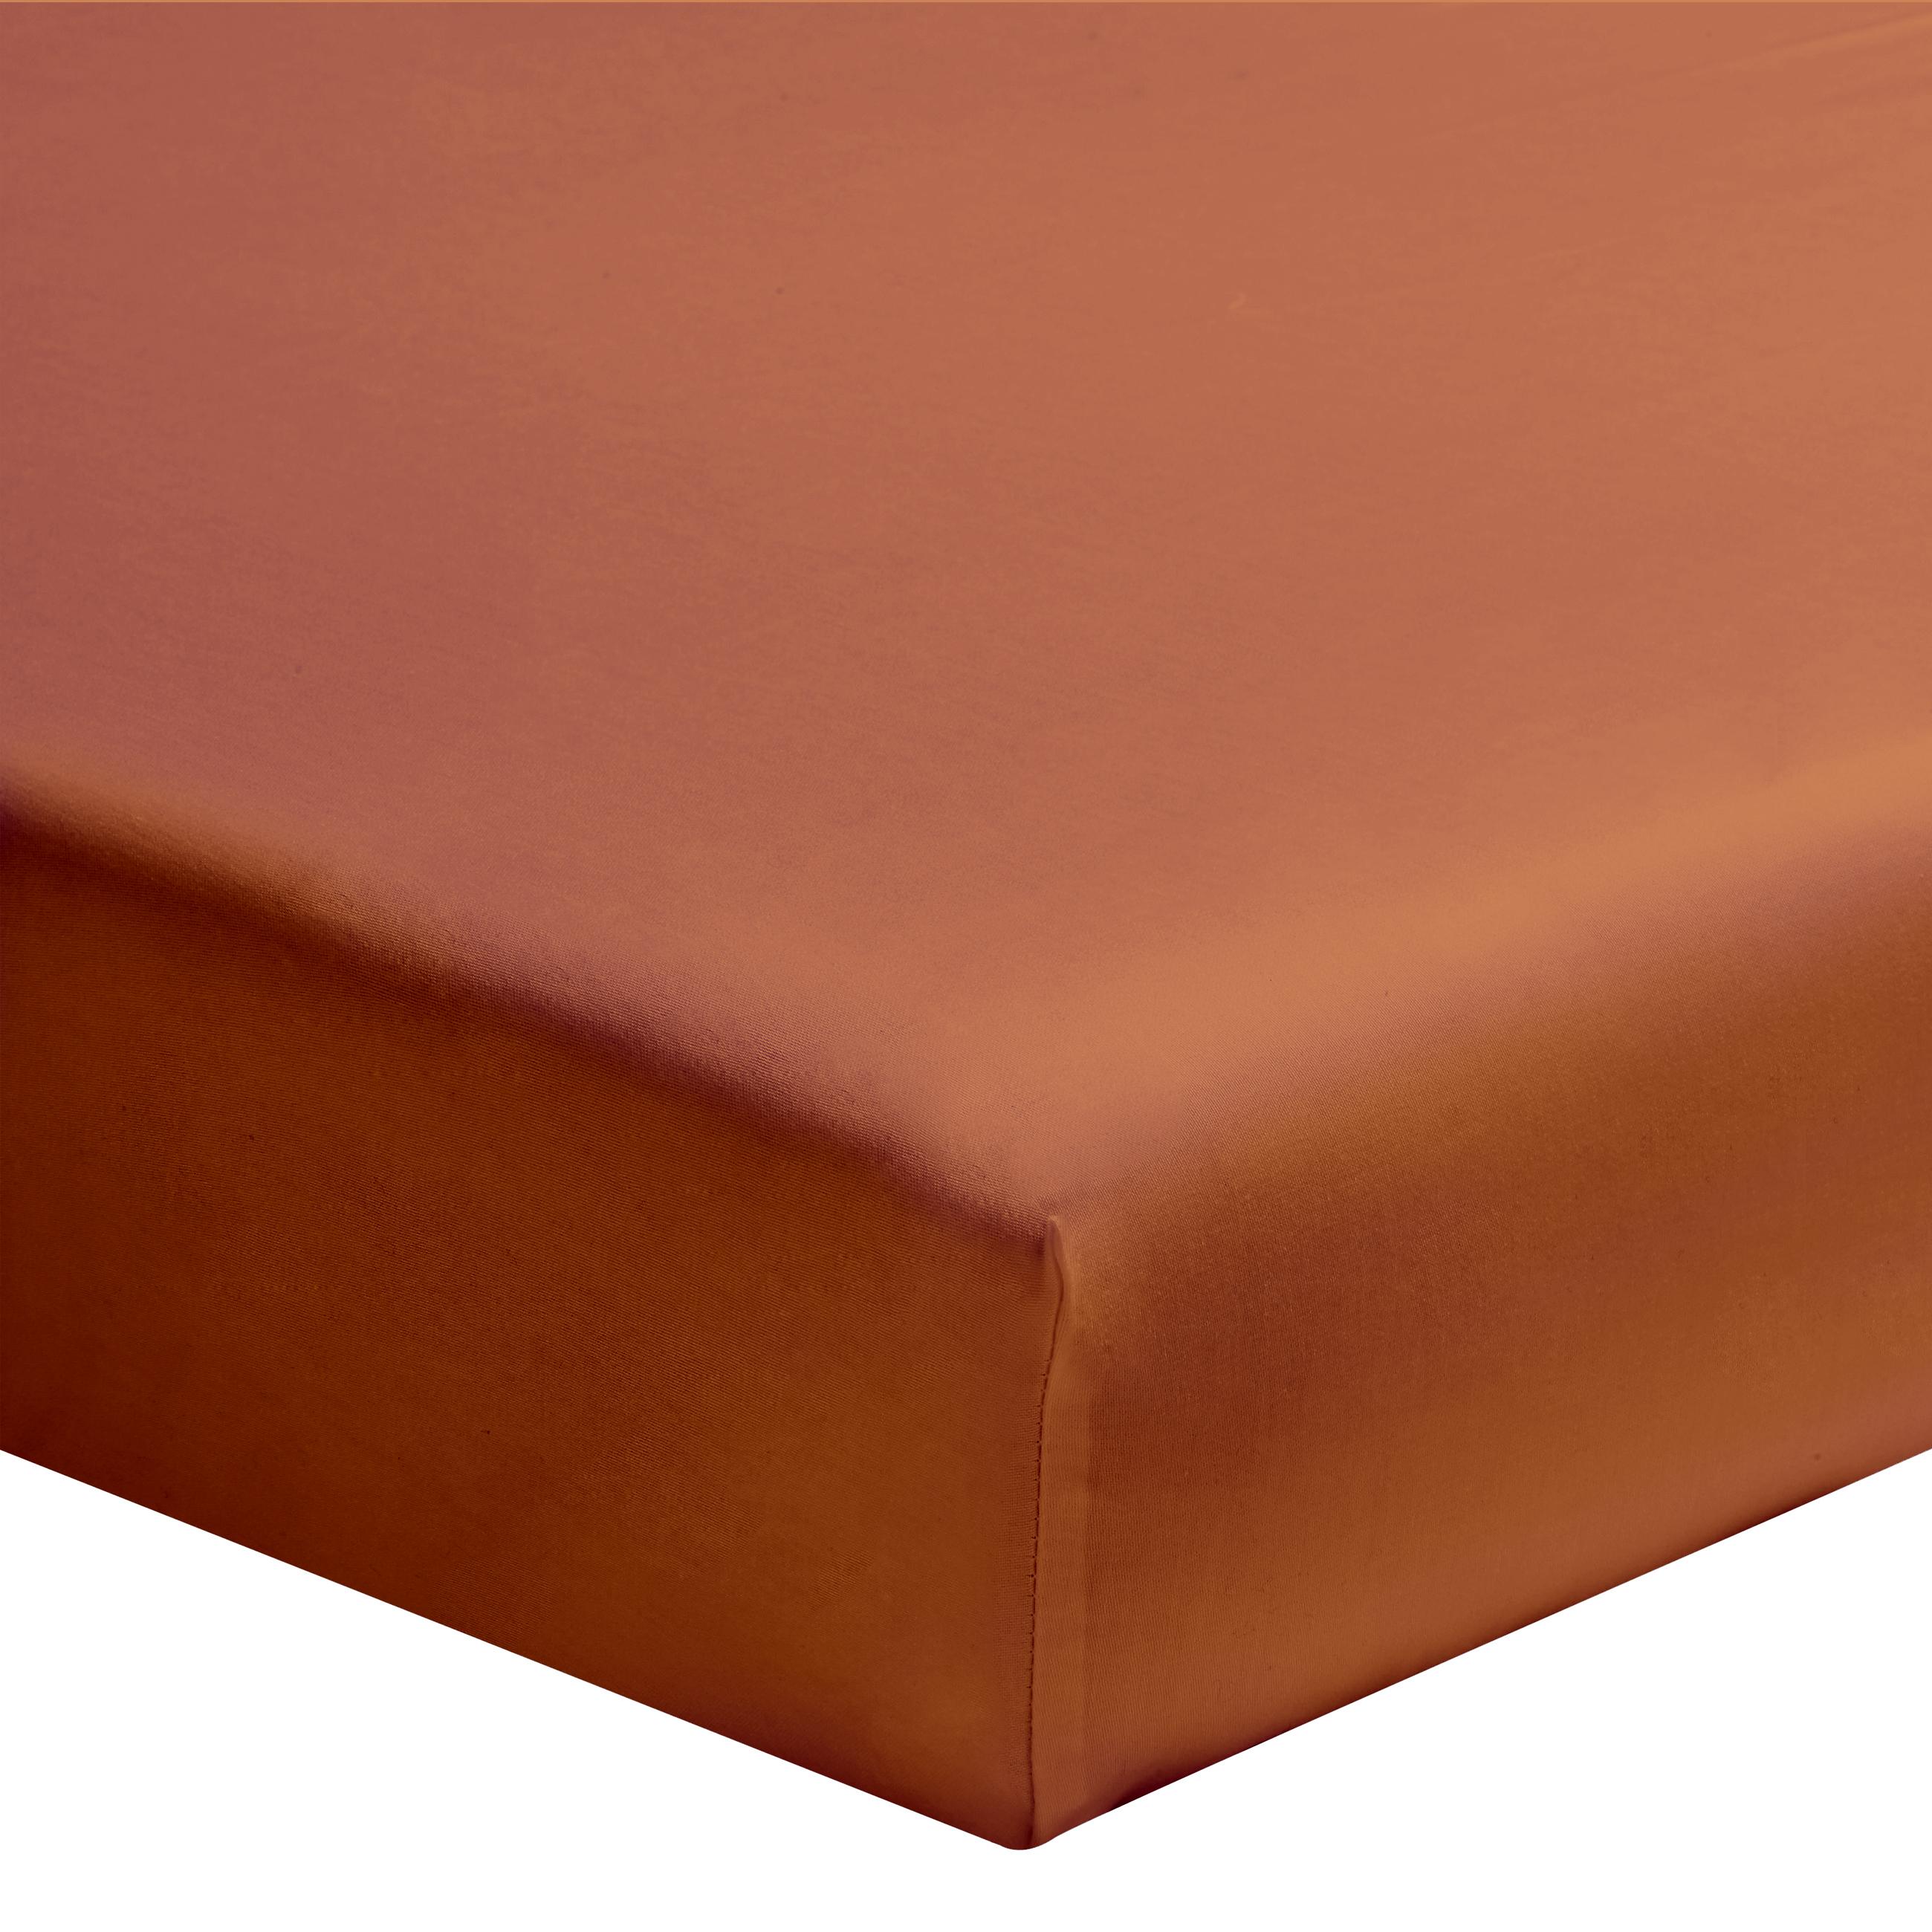 Drap housse uni en coton terracotta 80x200